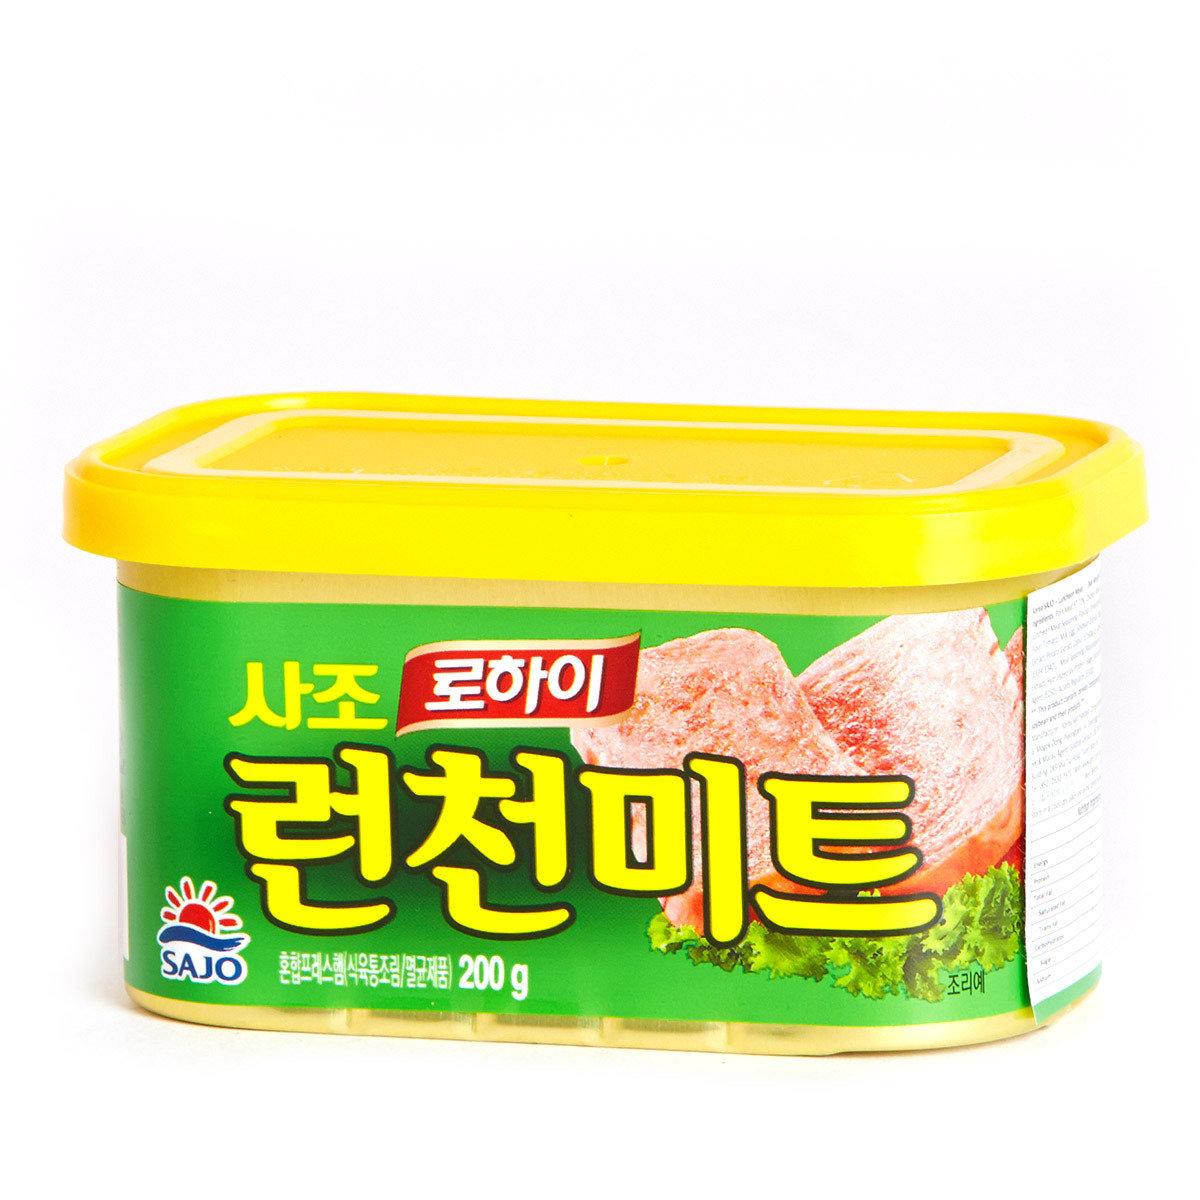 午餐肉 (綠罐) - 豬肉加雞肉